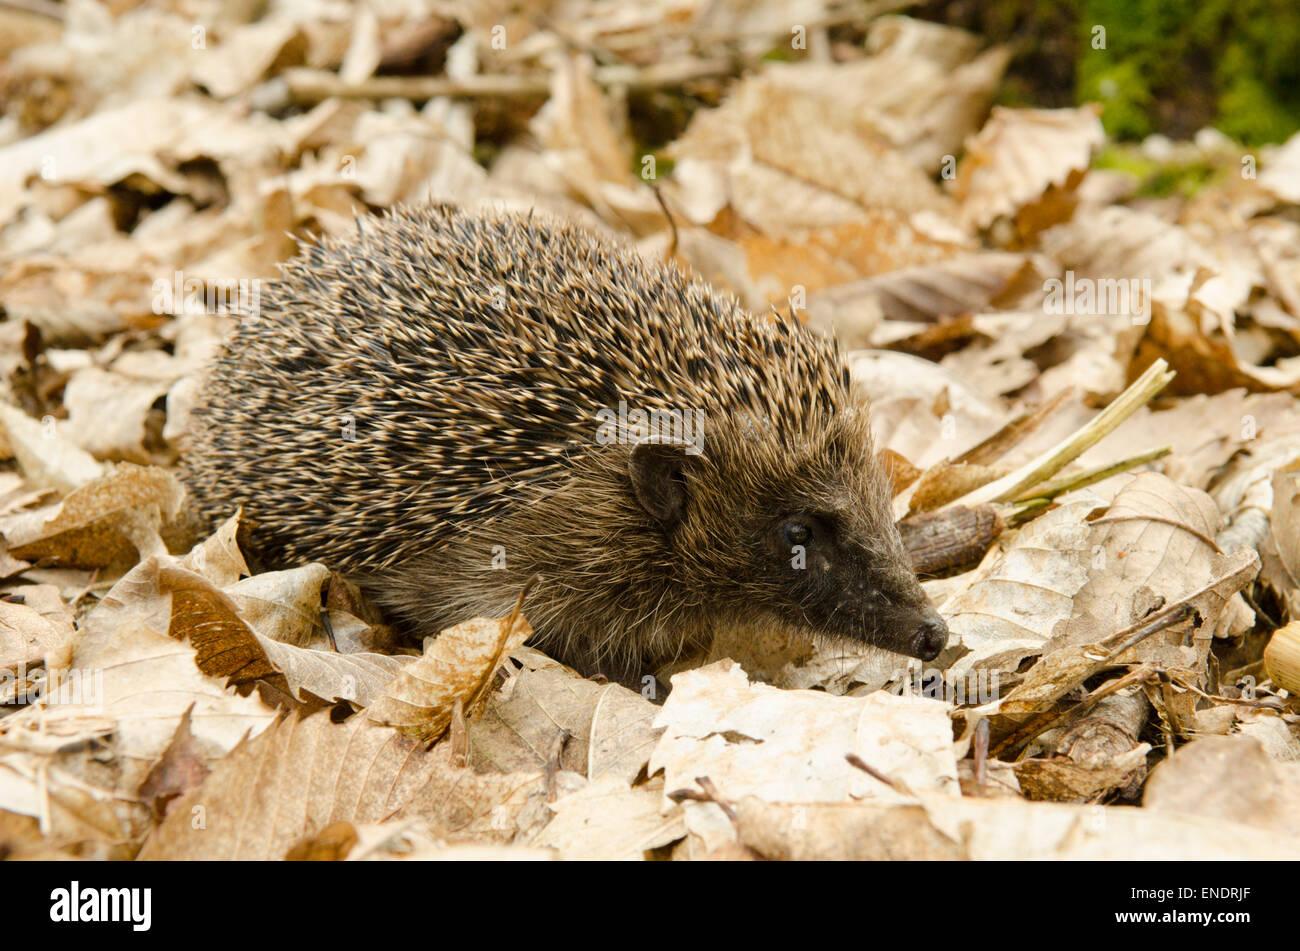 European Hedgehog, Erinaceus europaeus. Sussex, UK. May. - Stock Image